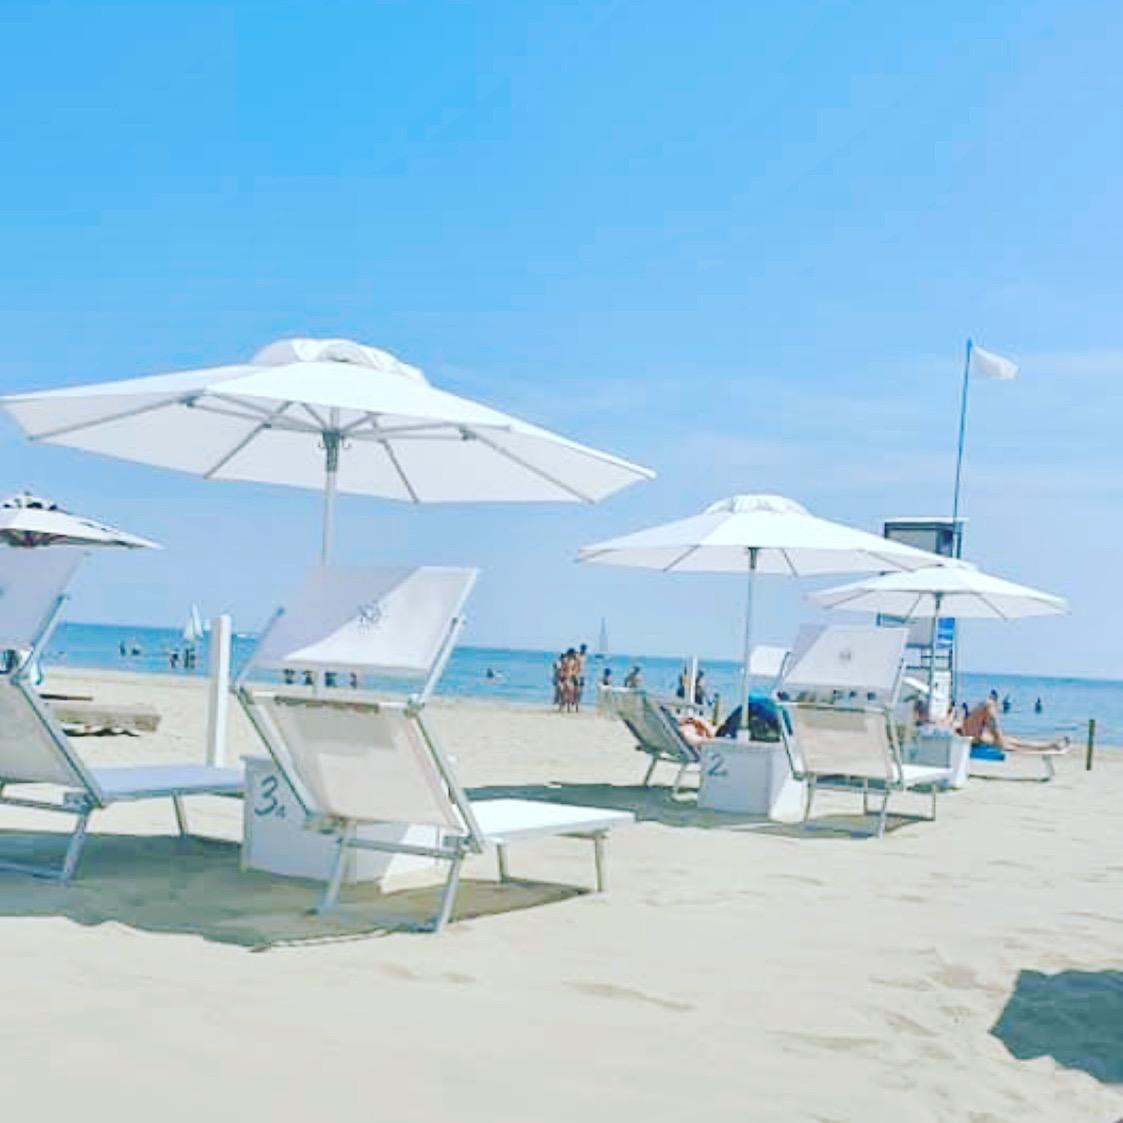 spiaggia privata hotel saraceno milano marittima bed e breakfast, ombrelloni distanziati, spiaggia tranquilla e silenziosa, servizio all'ombrellone, ombrelloni in prima fila,